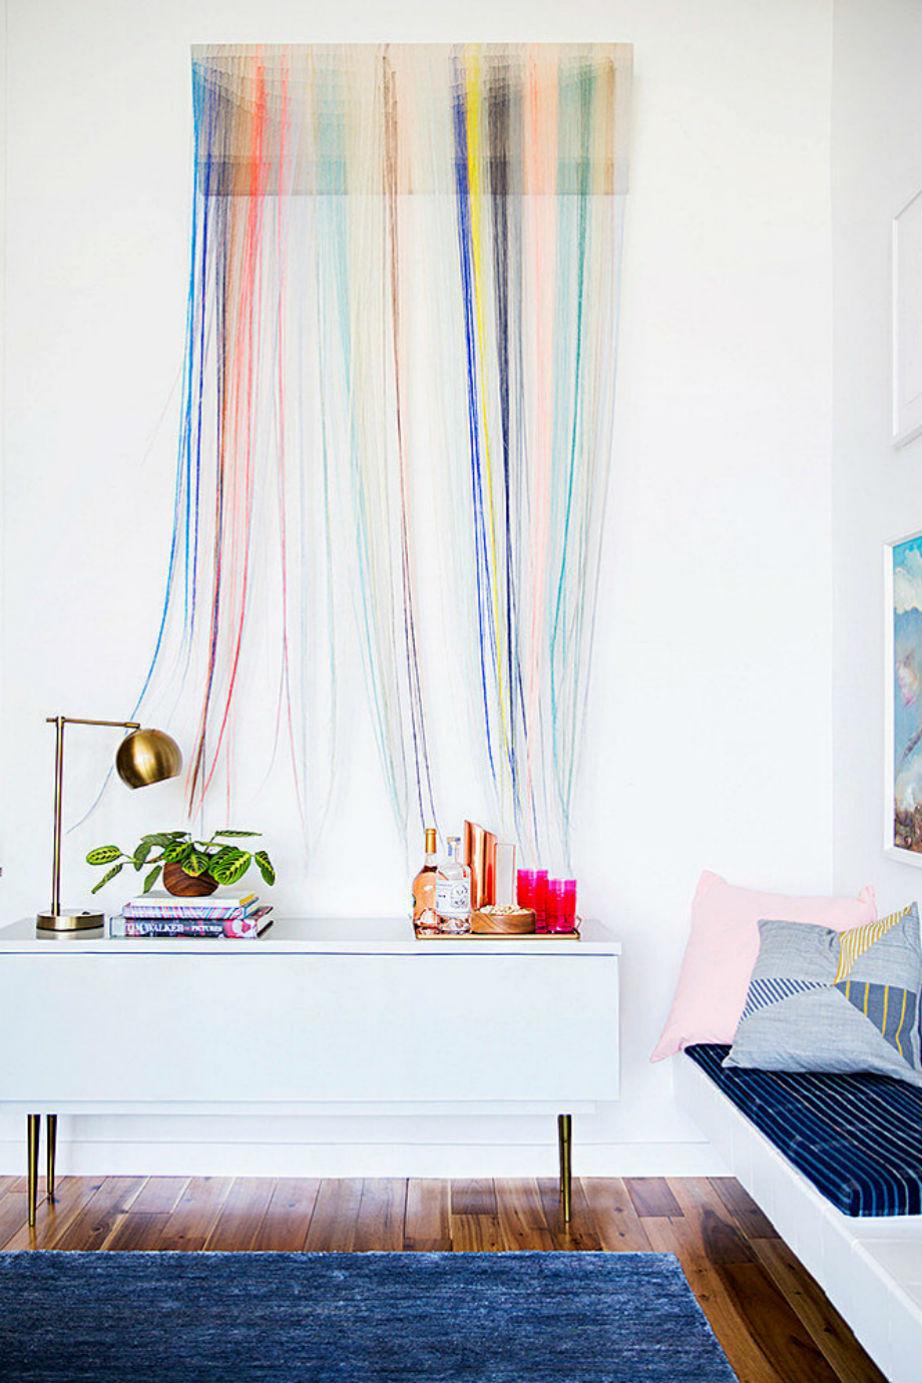 Χρωματιστά κάδρα και ταπισερί έρχονται στους τοίχους σας το 2016.